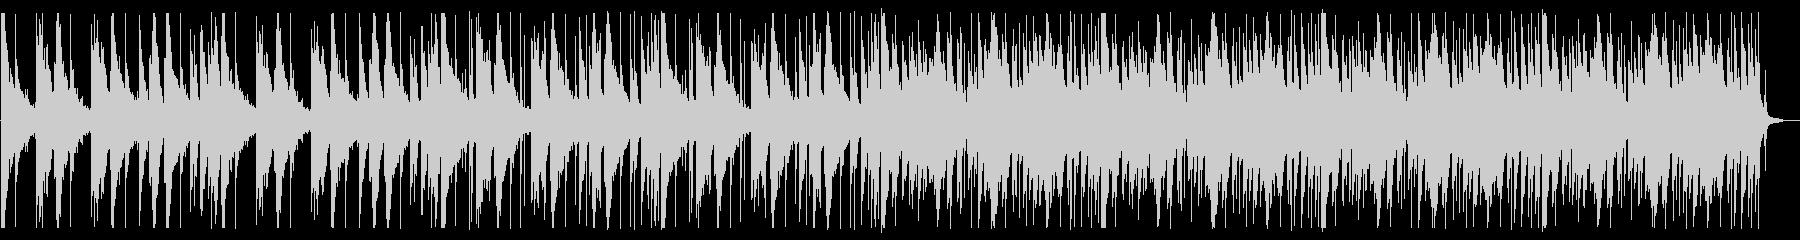 落ち着いたピコピコとしたBGM_3の未再生の波形